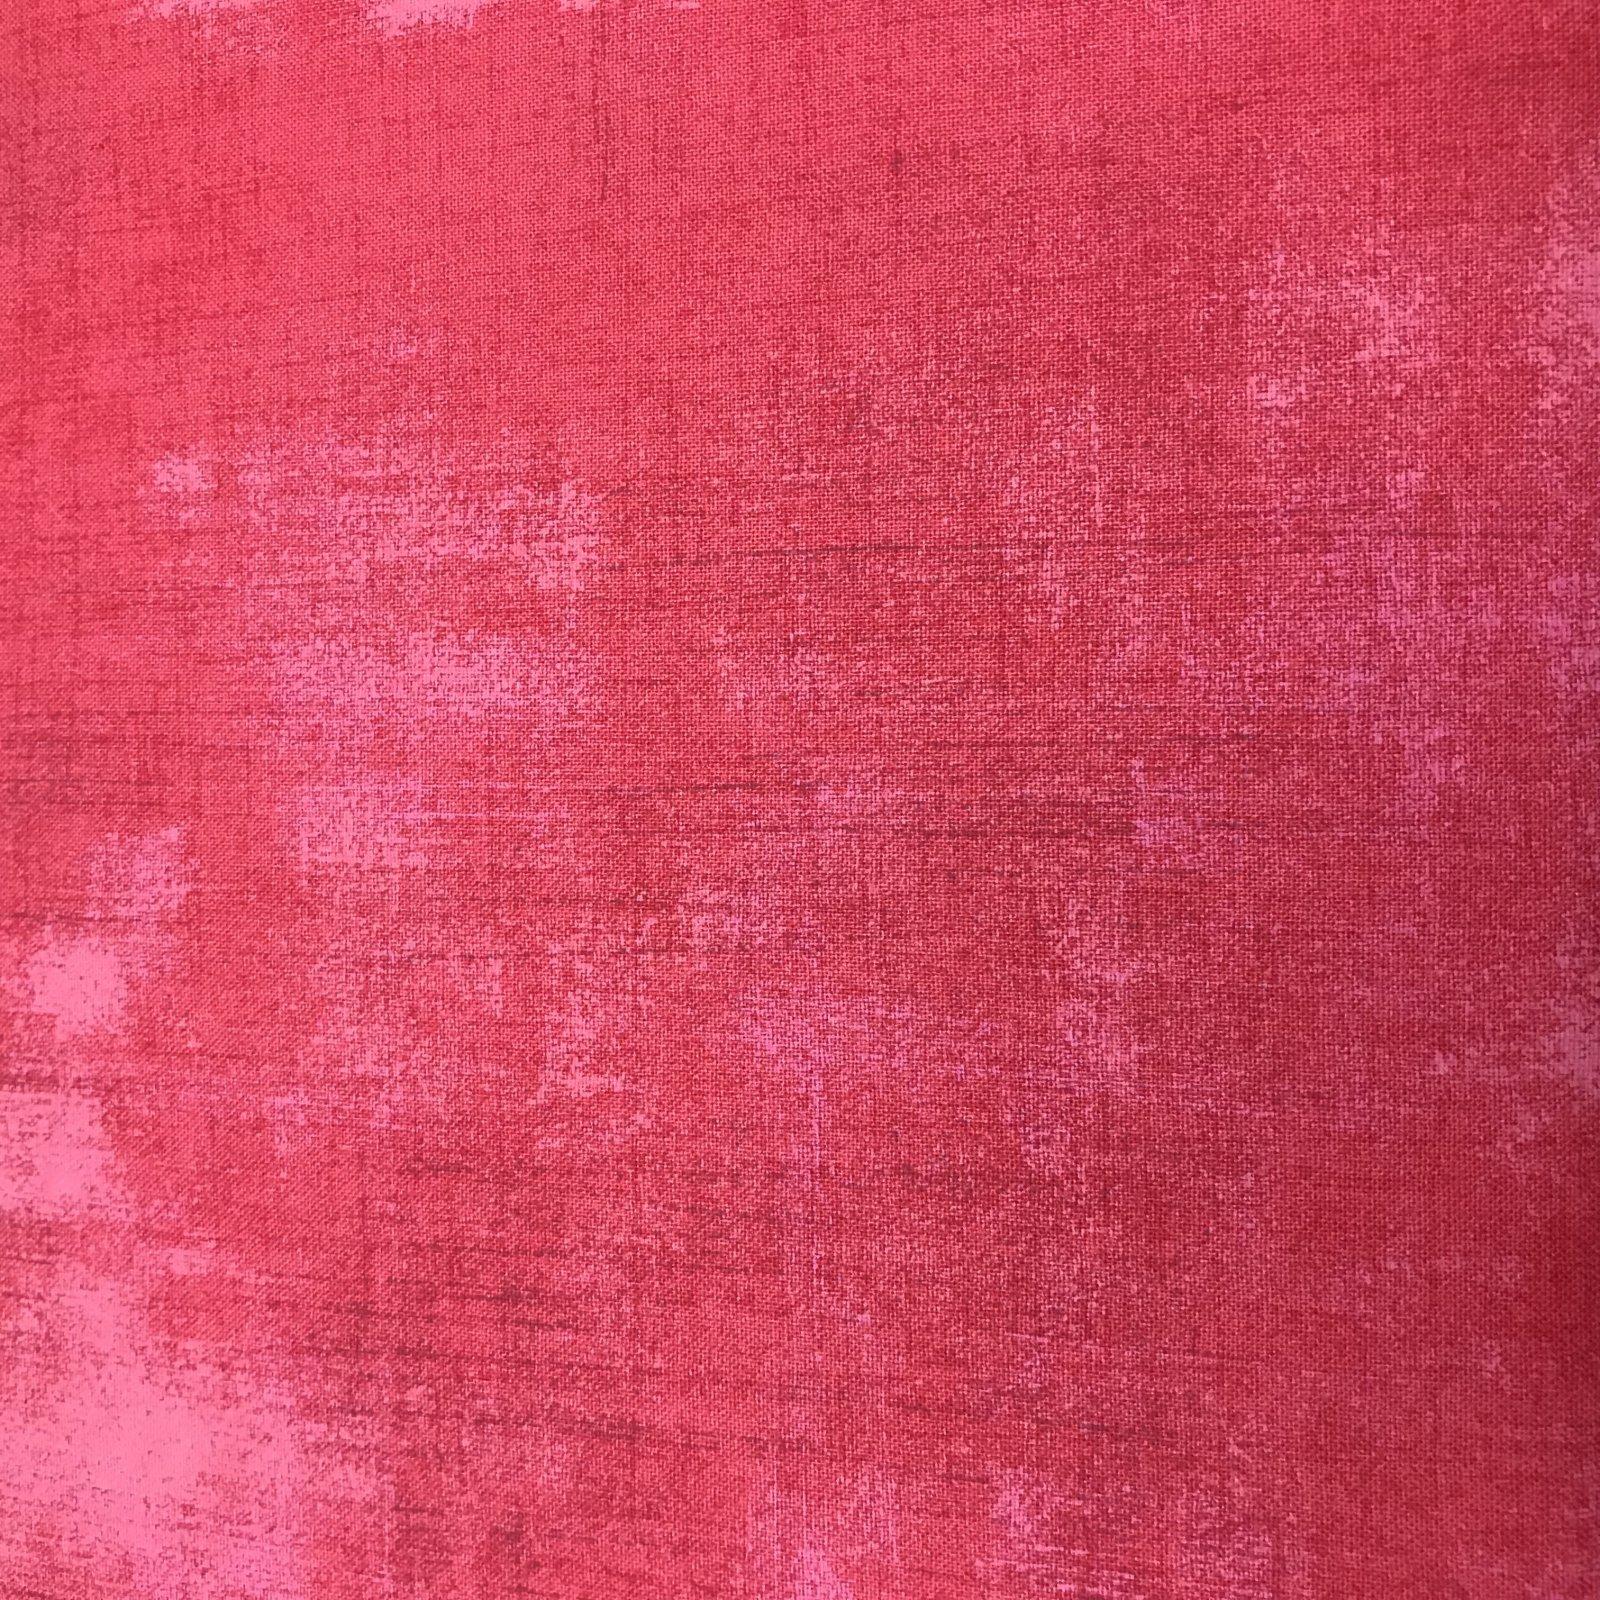 Grunge Basics Flamingo  30150 254